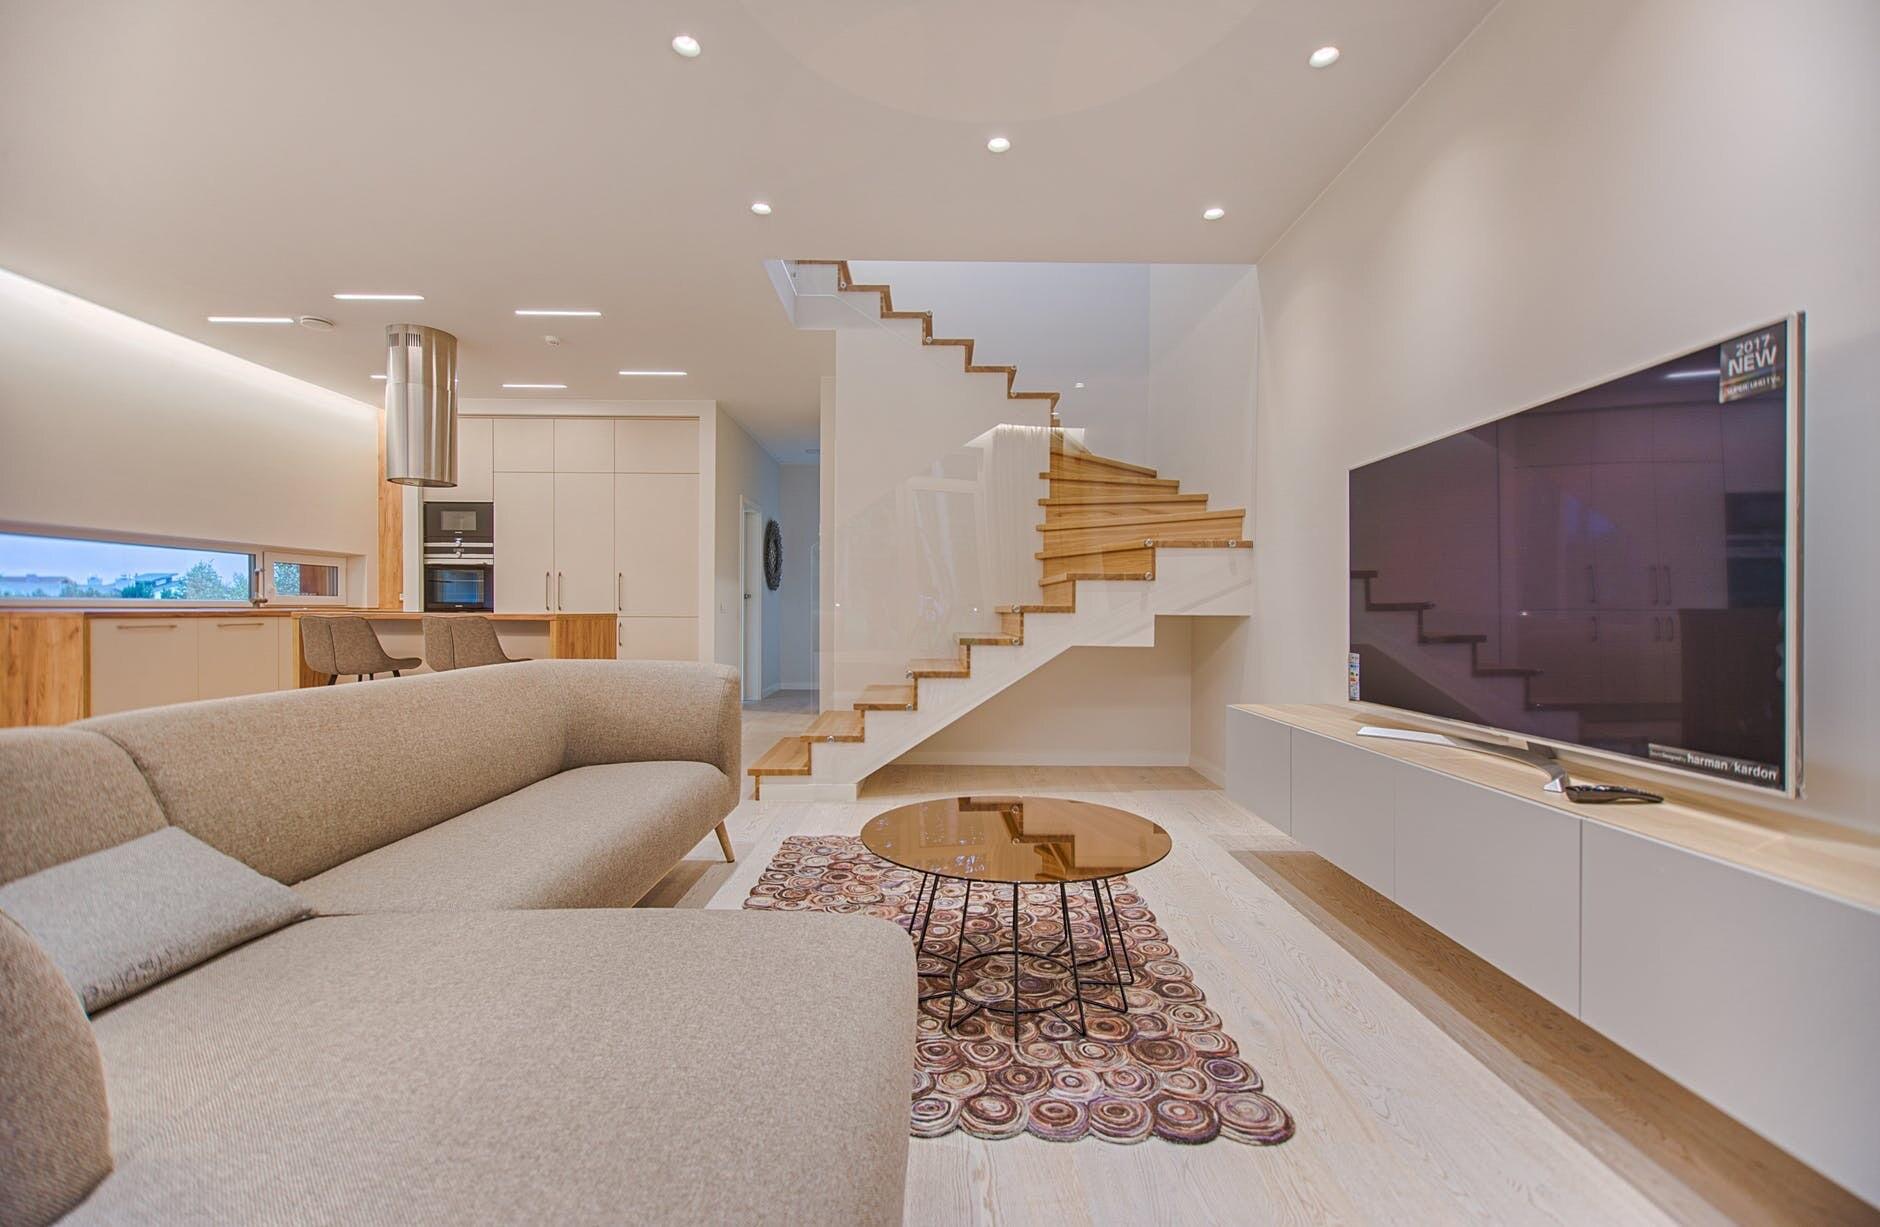 Создаем дизайн гостиной в стиле минимализм: советы по подбору отделки, мебели и декора